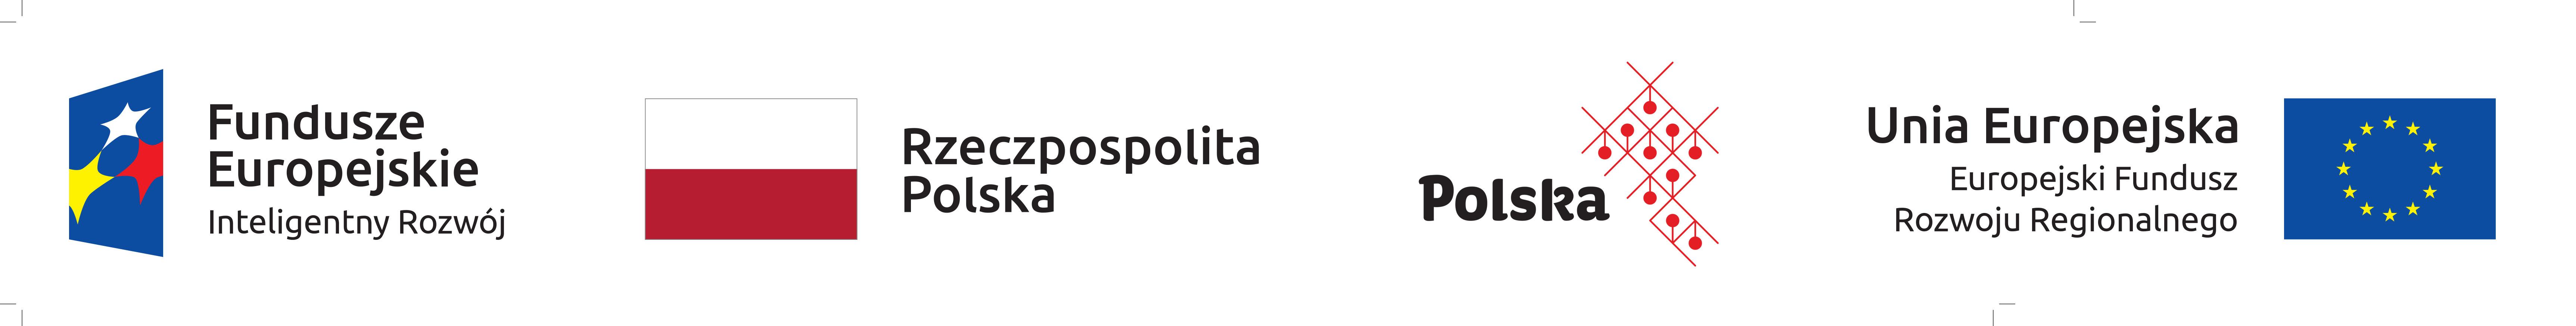 Logo Funduszy Europejskich-Inteligentny Rozwój, Rzeczpospolitej Polskiej, Maki Polskiej Gospodarki i Europejskiego Funduszu Rozwoju Regionalnego